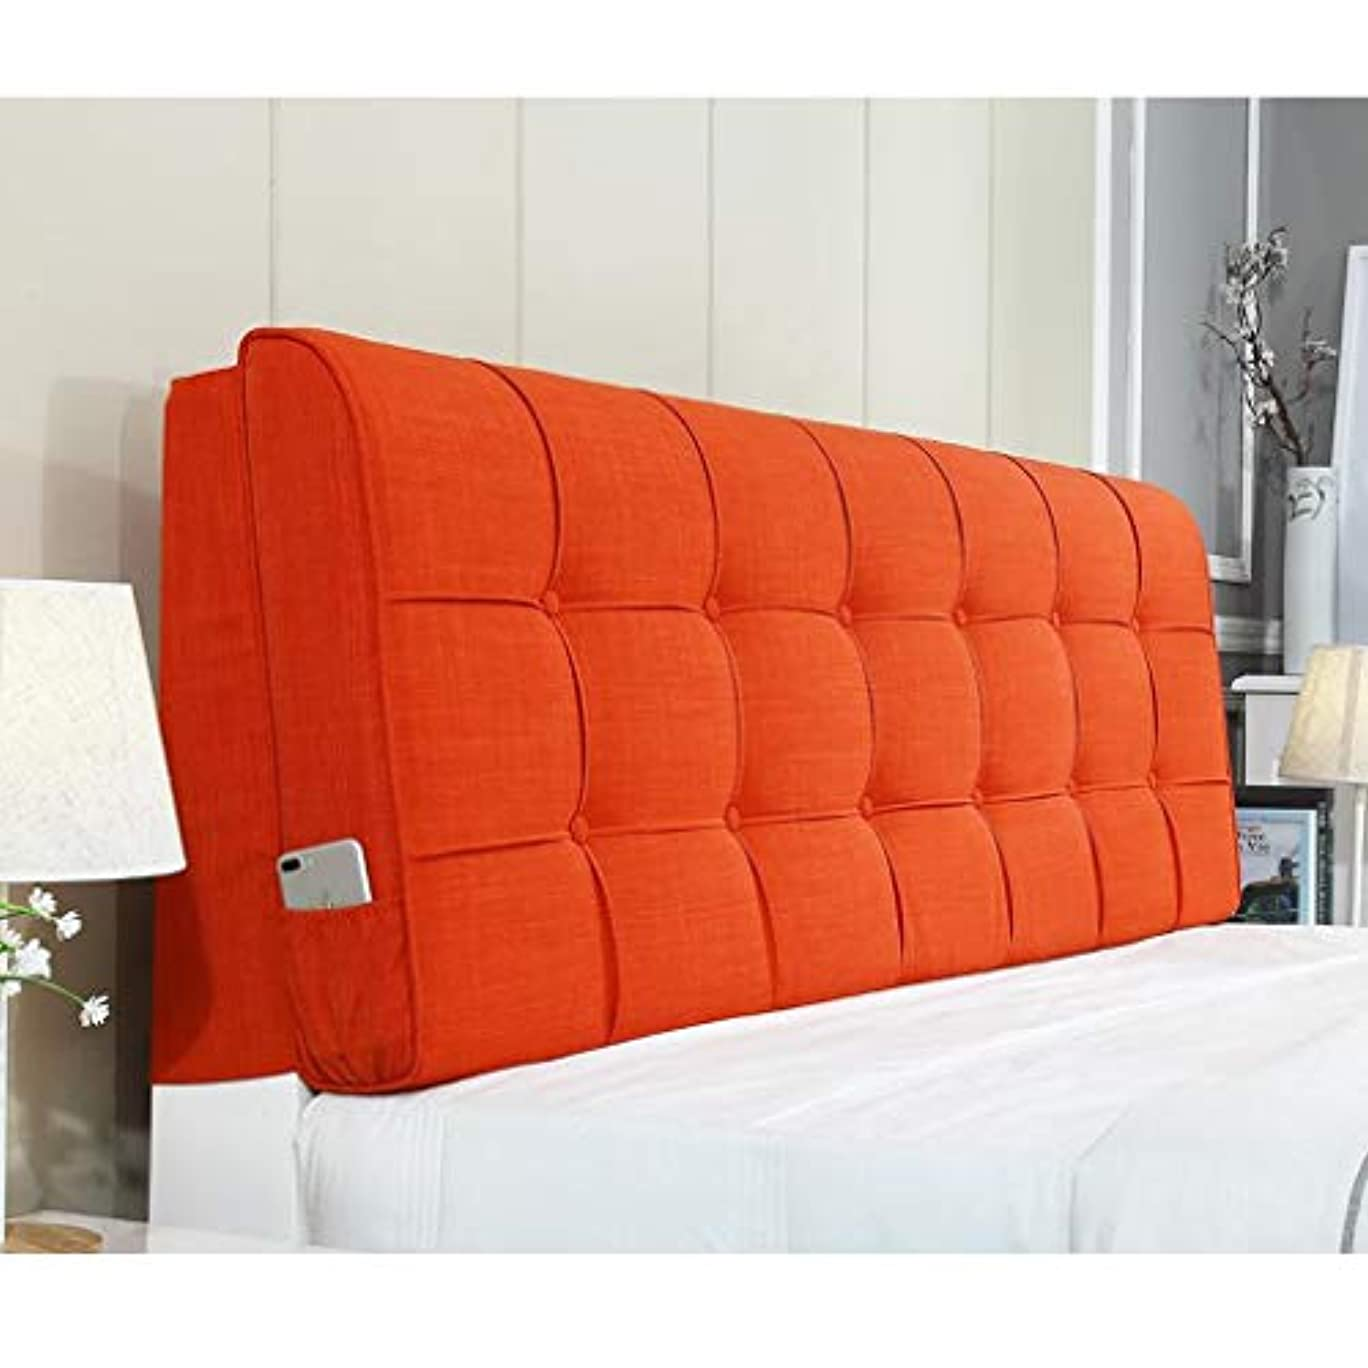 成長荒れ地前兆ベッドサイドクッションソフトバッグ大背もたれ木製ベッド背もたれ枕子供はバッグウエストパッドファブリックウォッシャブルに依存しています Zsetop (Color : D, Size : 150*58cm)